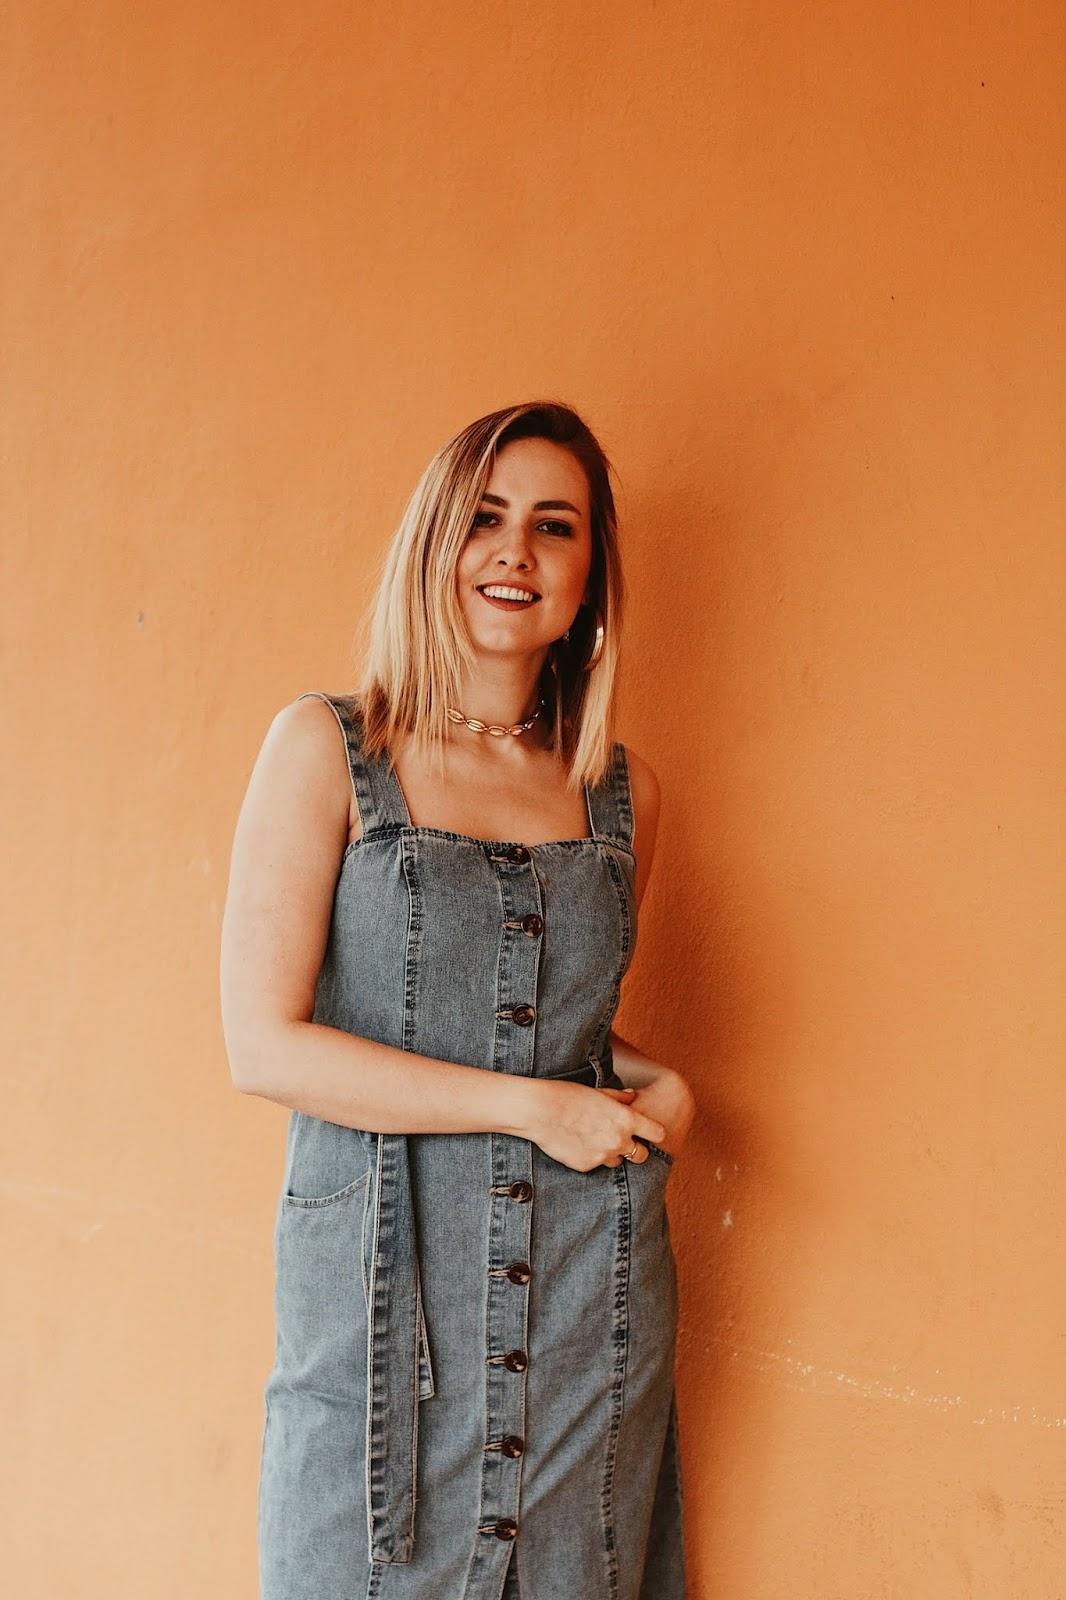 Sukienka ogrodniczka z jeansu